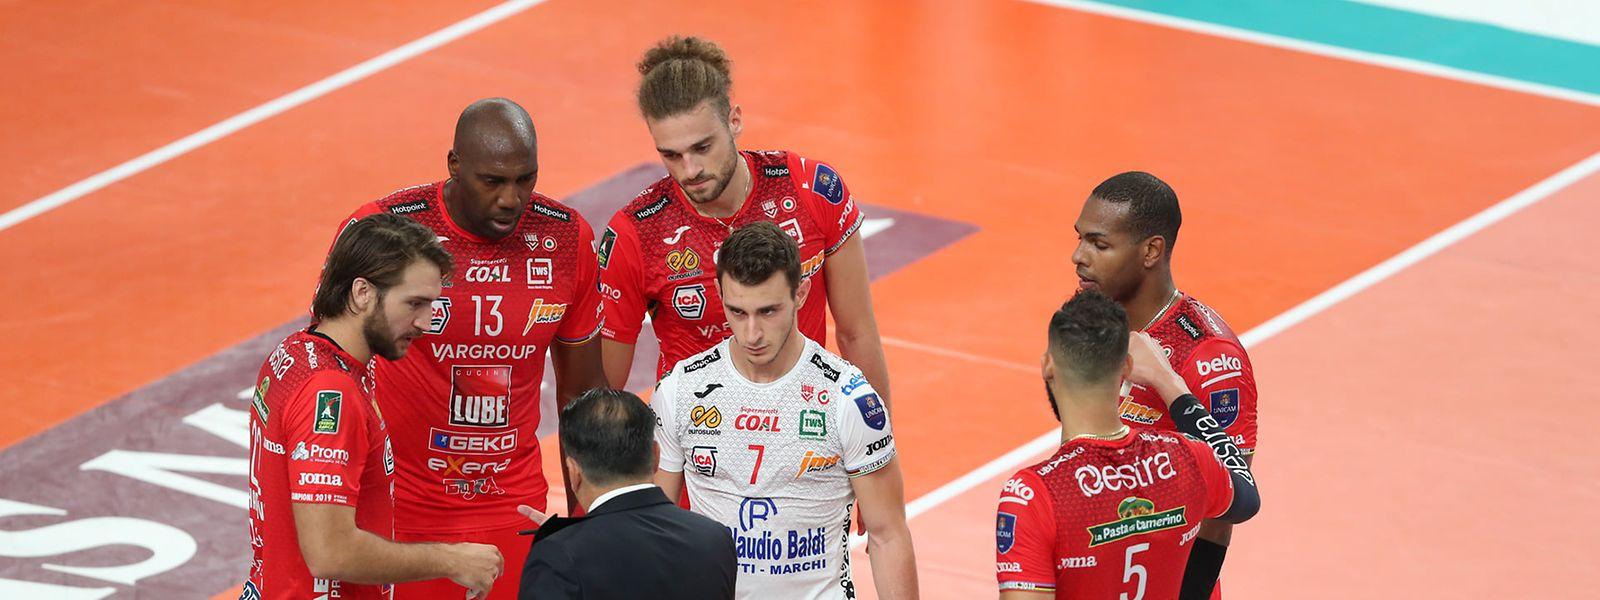 Kamil Rychlicki (oben) erzielt 17 Punkte, doch über seine gute Leistung kann er sich nicht freuen.